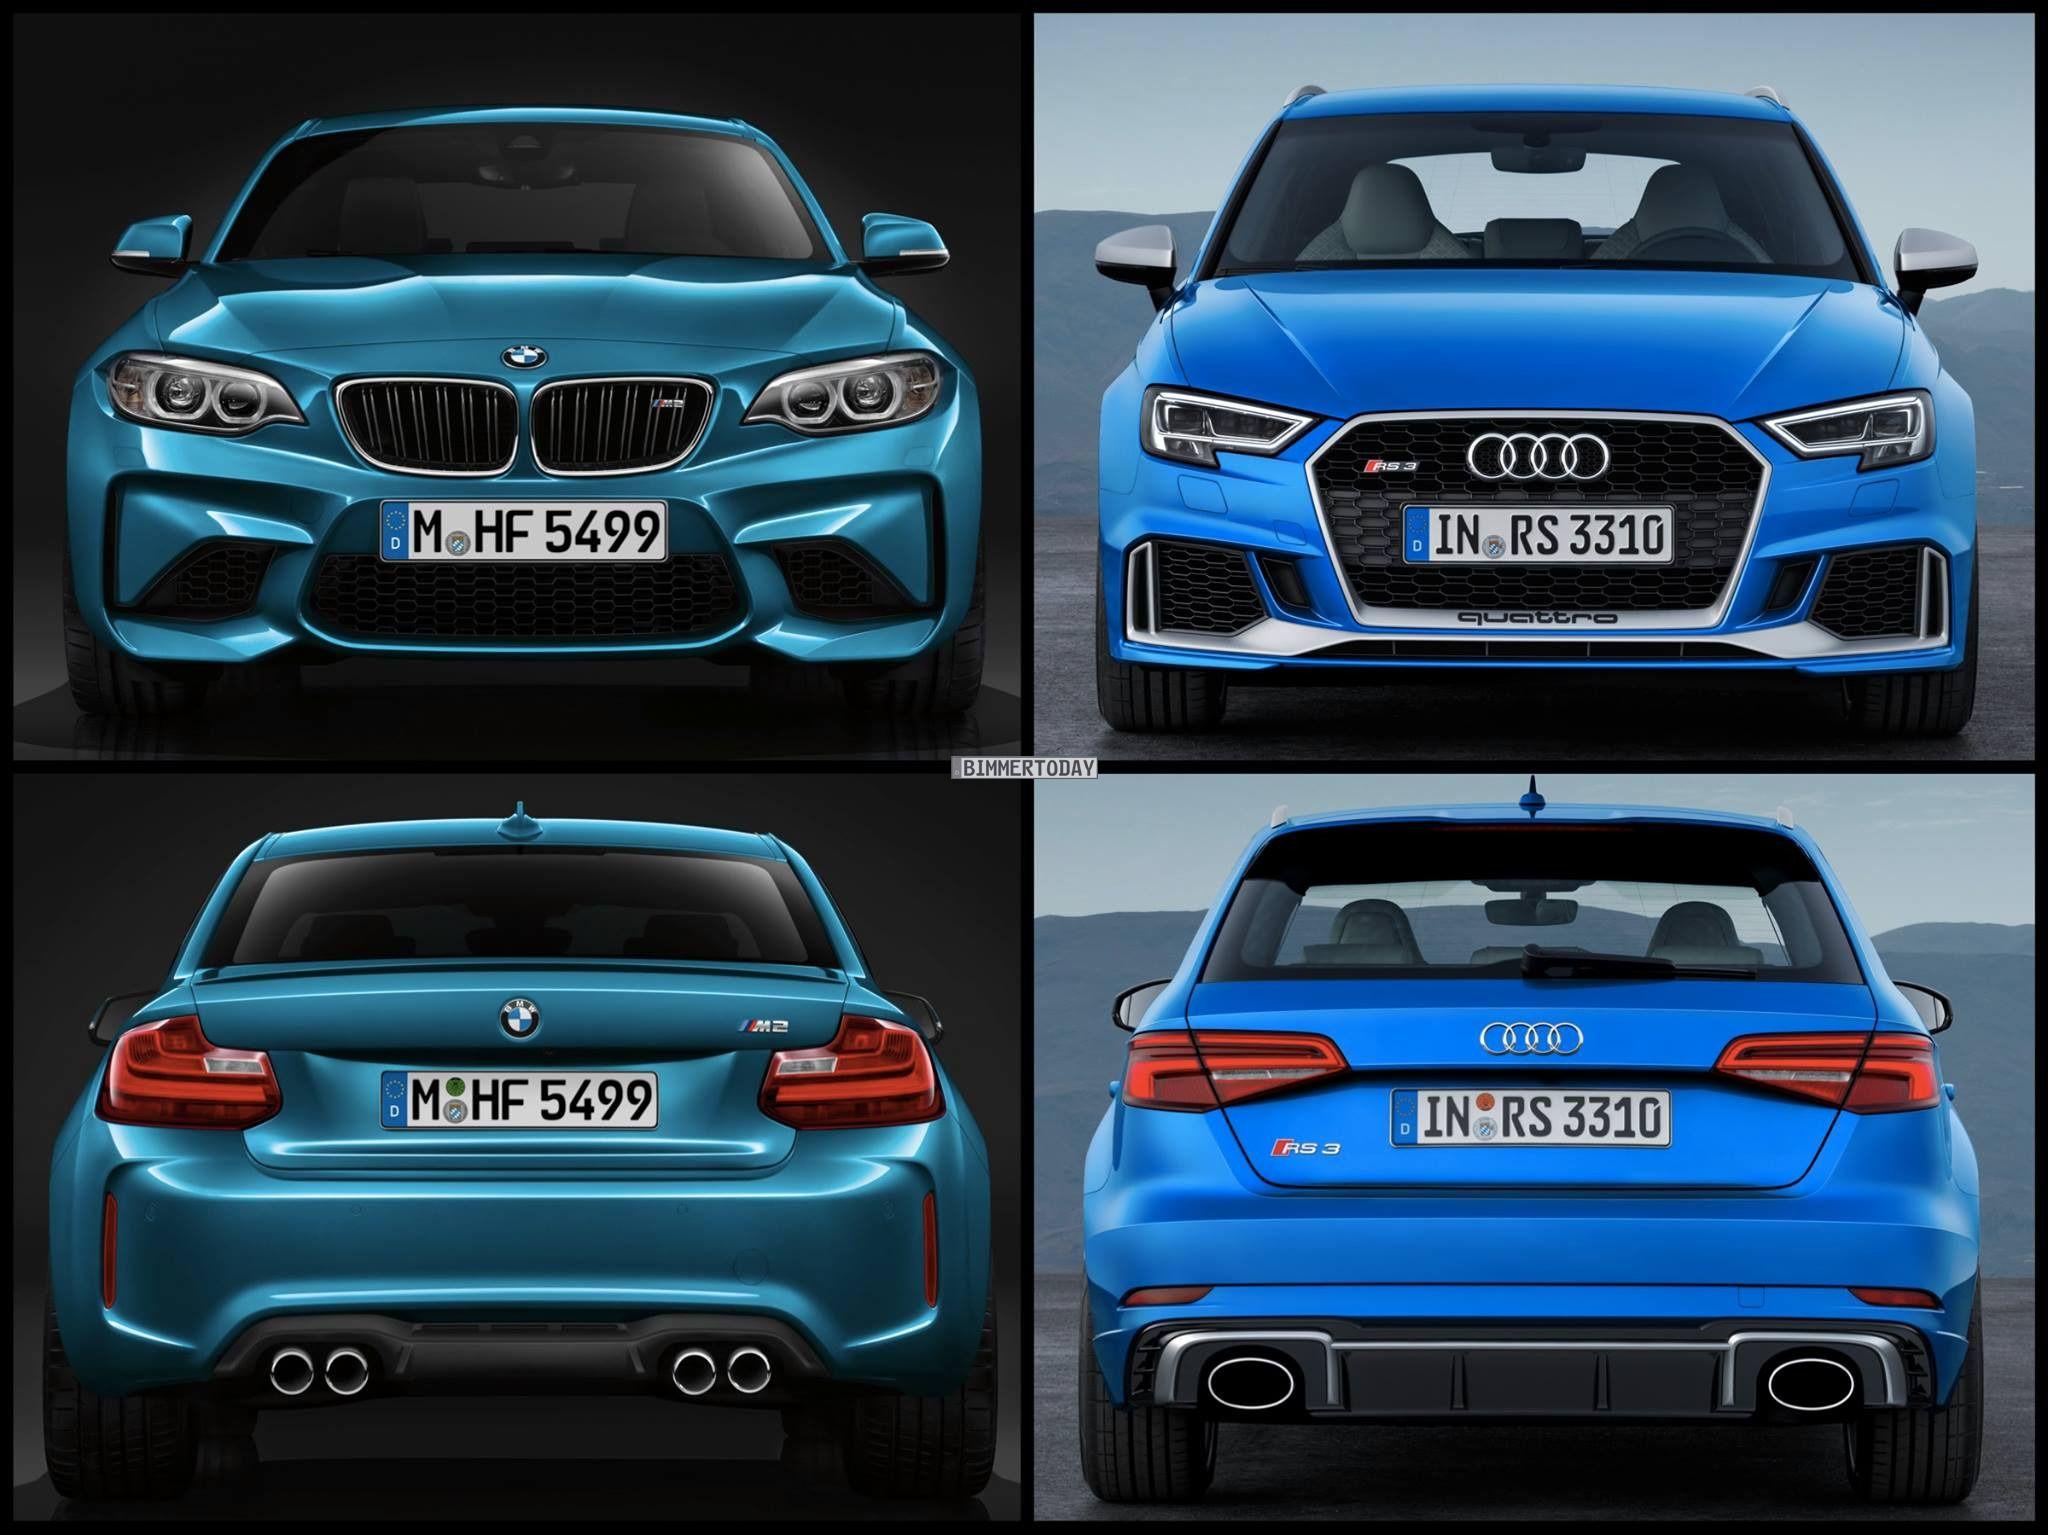 Photo Comparison Bmw M2 Vs Audi Rs3 Sportback Facelift Audi Rs3